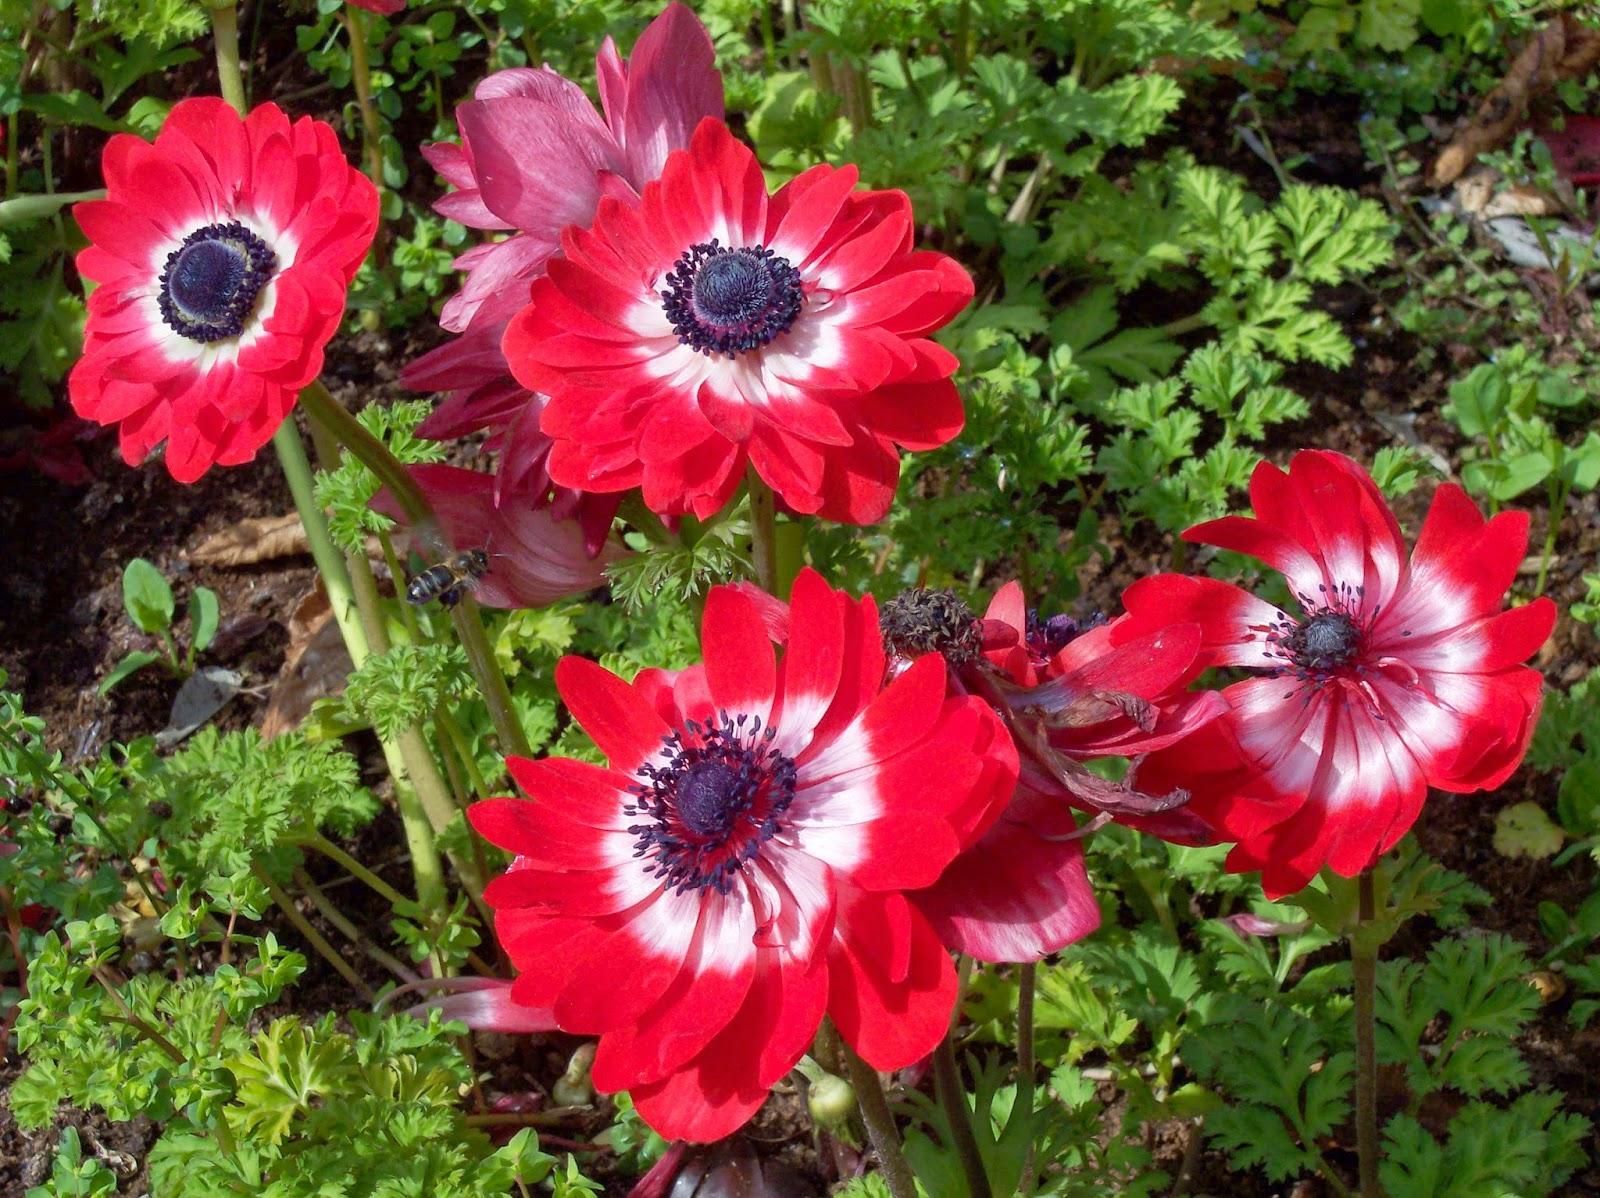 Kết quả hình ảnh cho hoa chân ngỗng